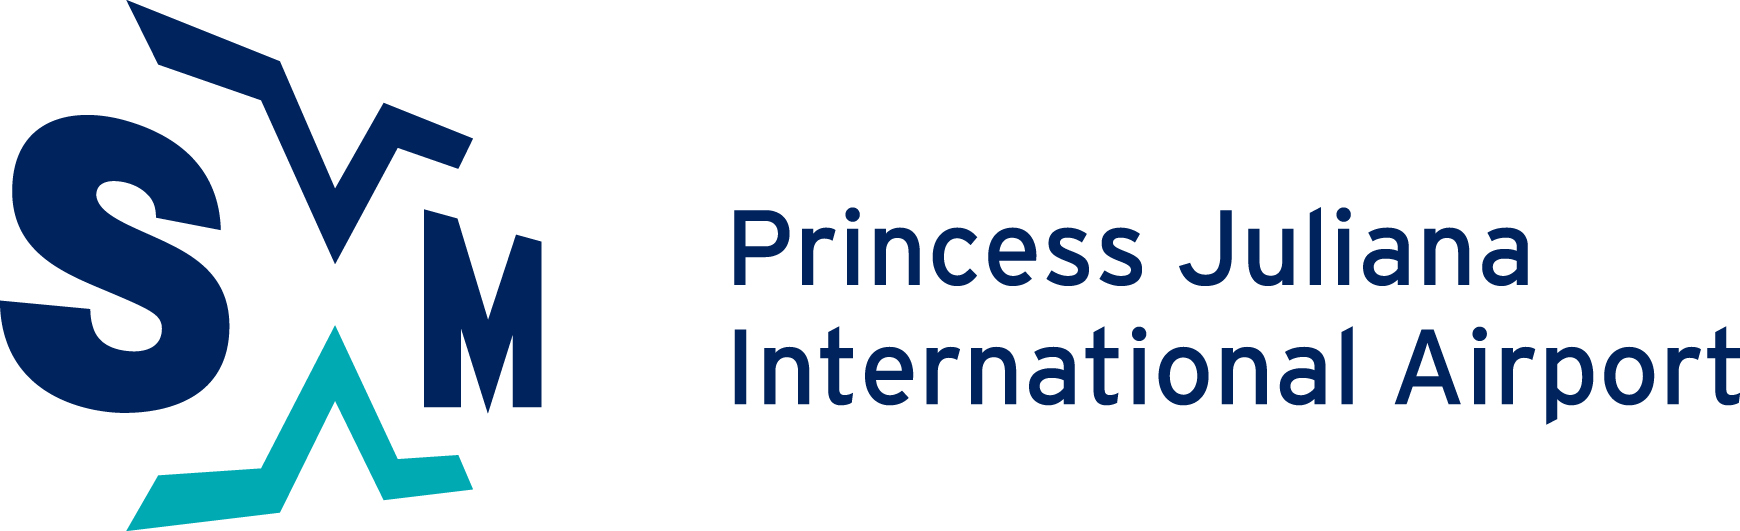 Resultado de imagen para Sint Maarten Airport logo